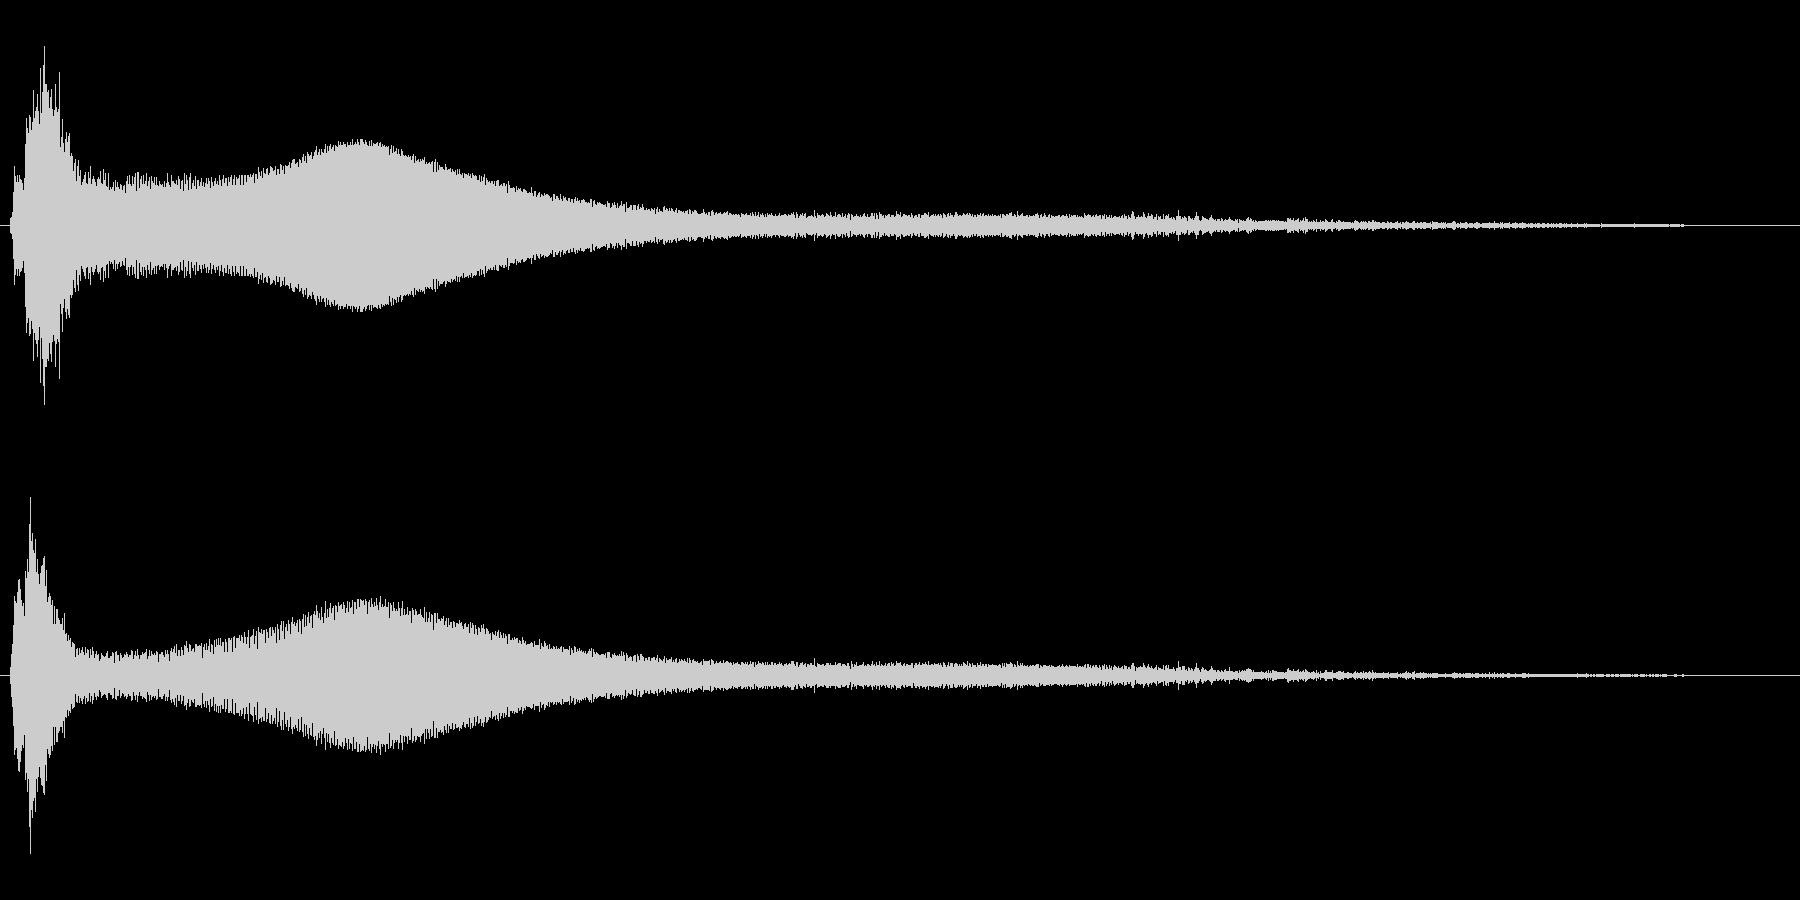 キーン(エレベーターが開いた時の音)の未再生の波形